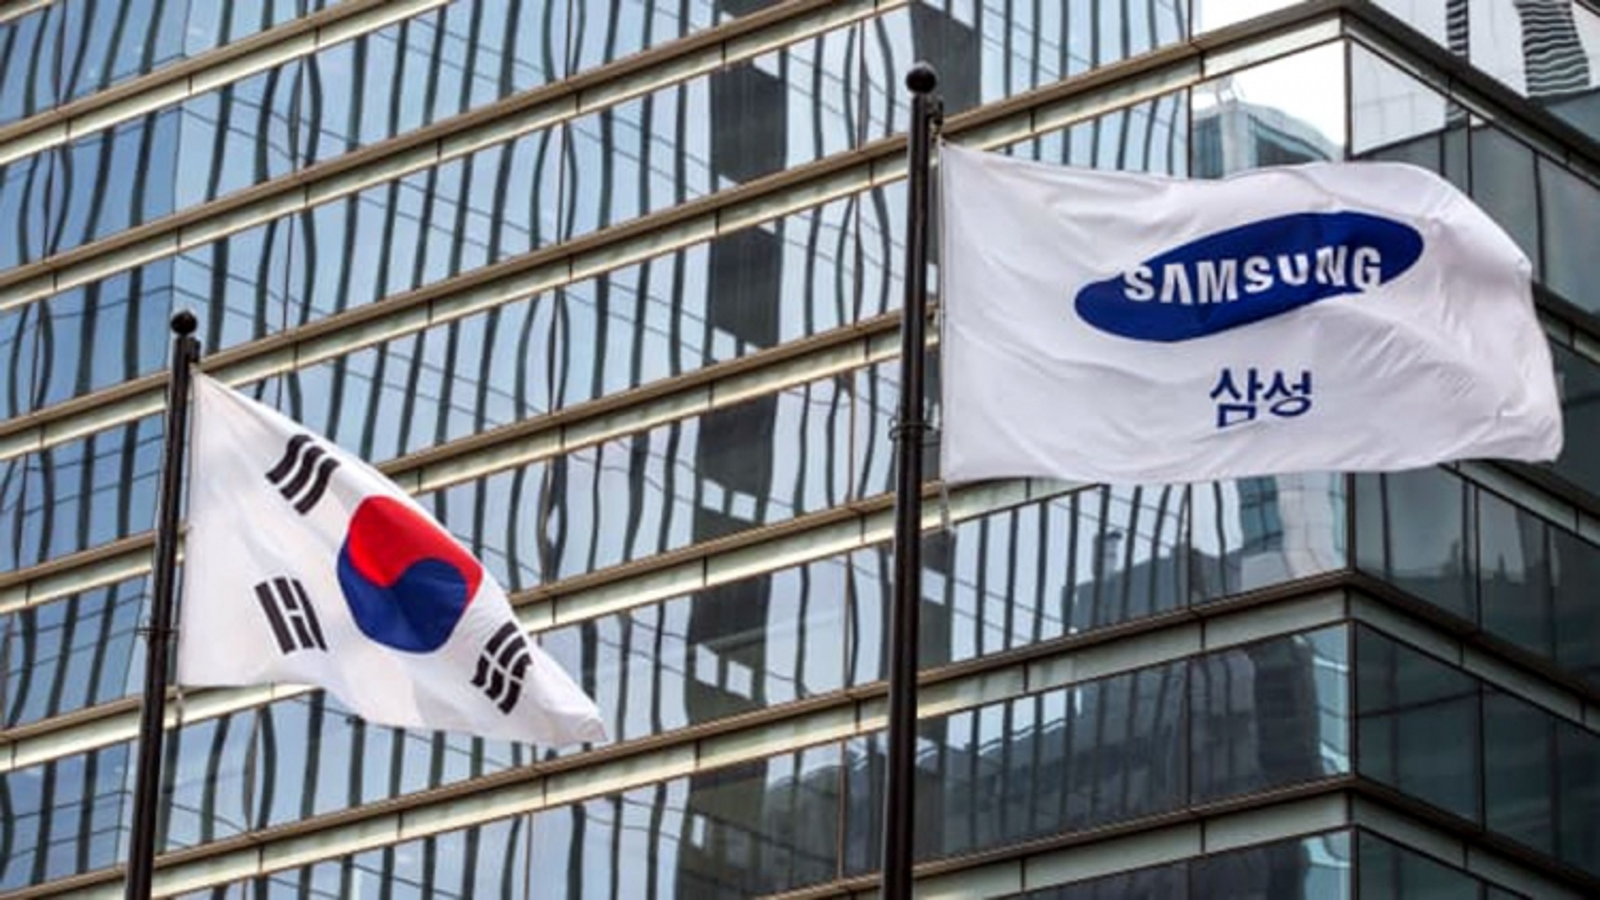 Hãng điện tử Samsung đạt lợi nhuận cao trong năm 2020 bất chấp Covid-19